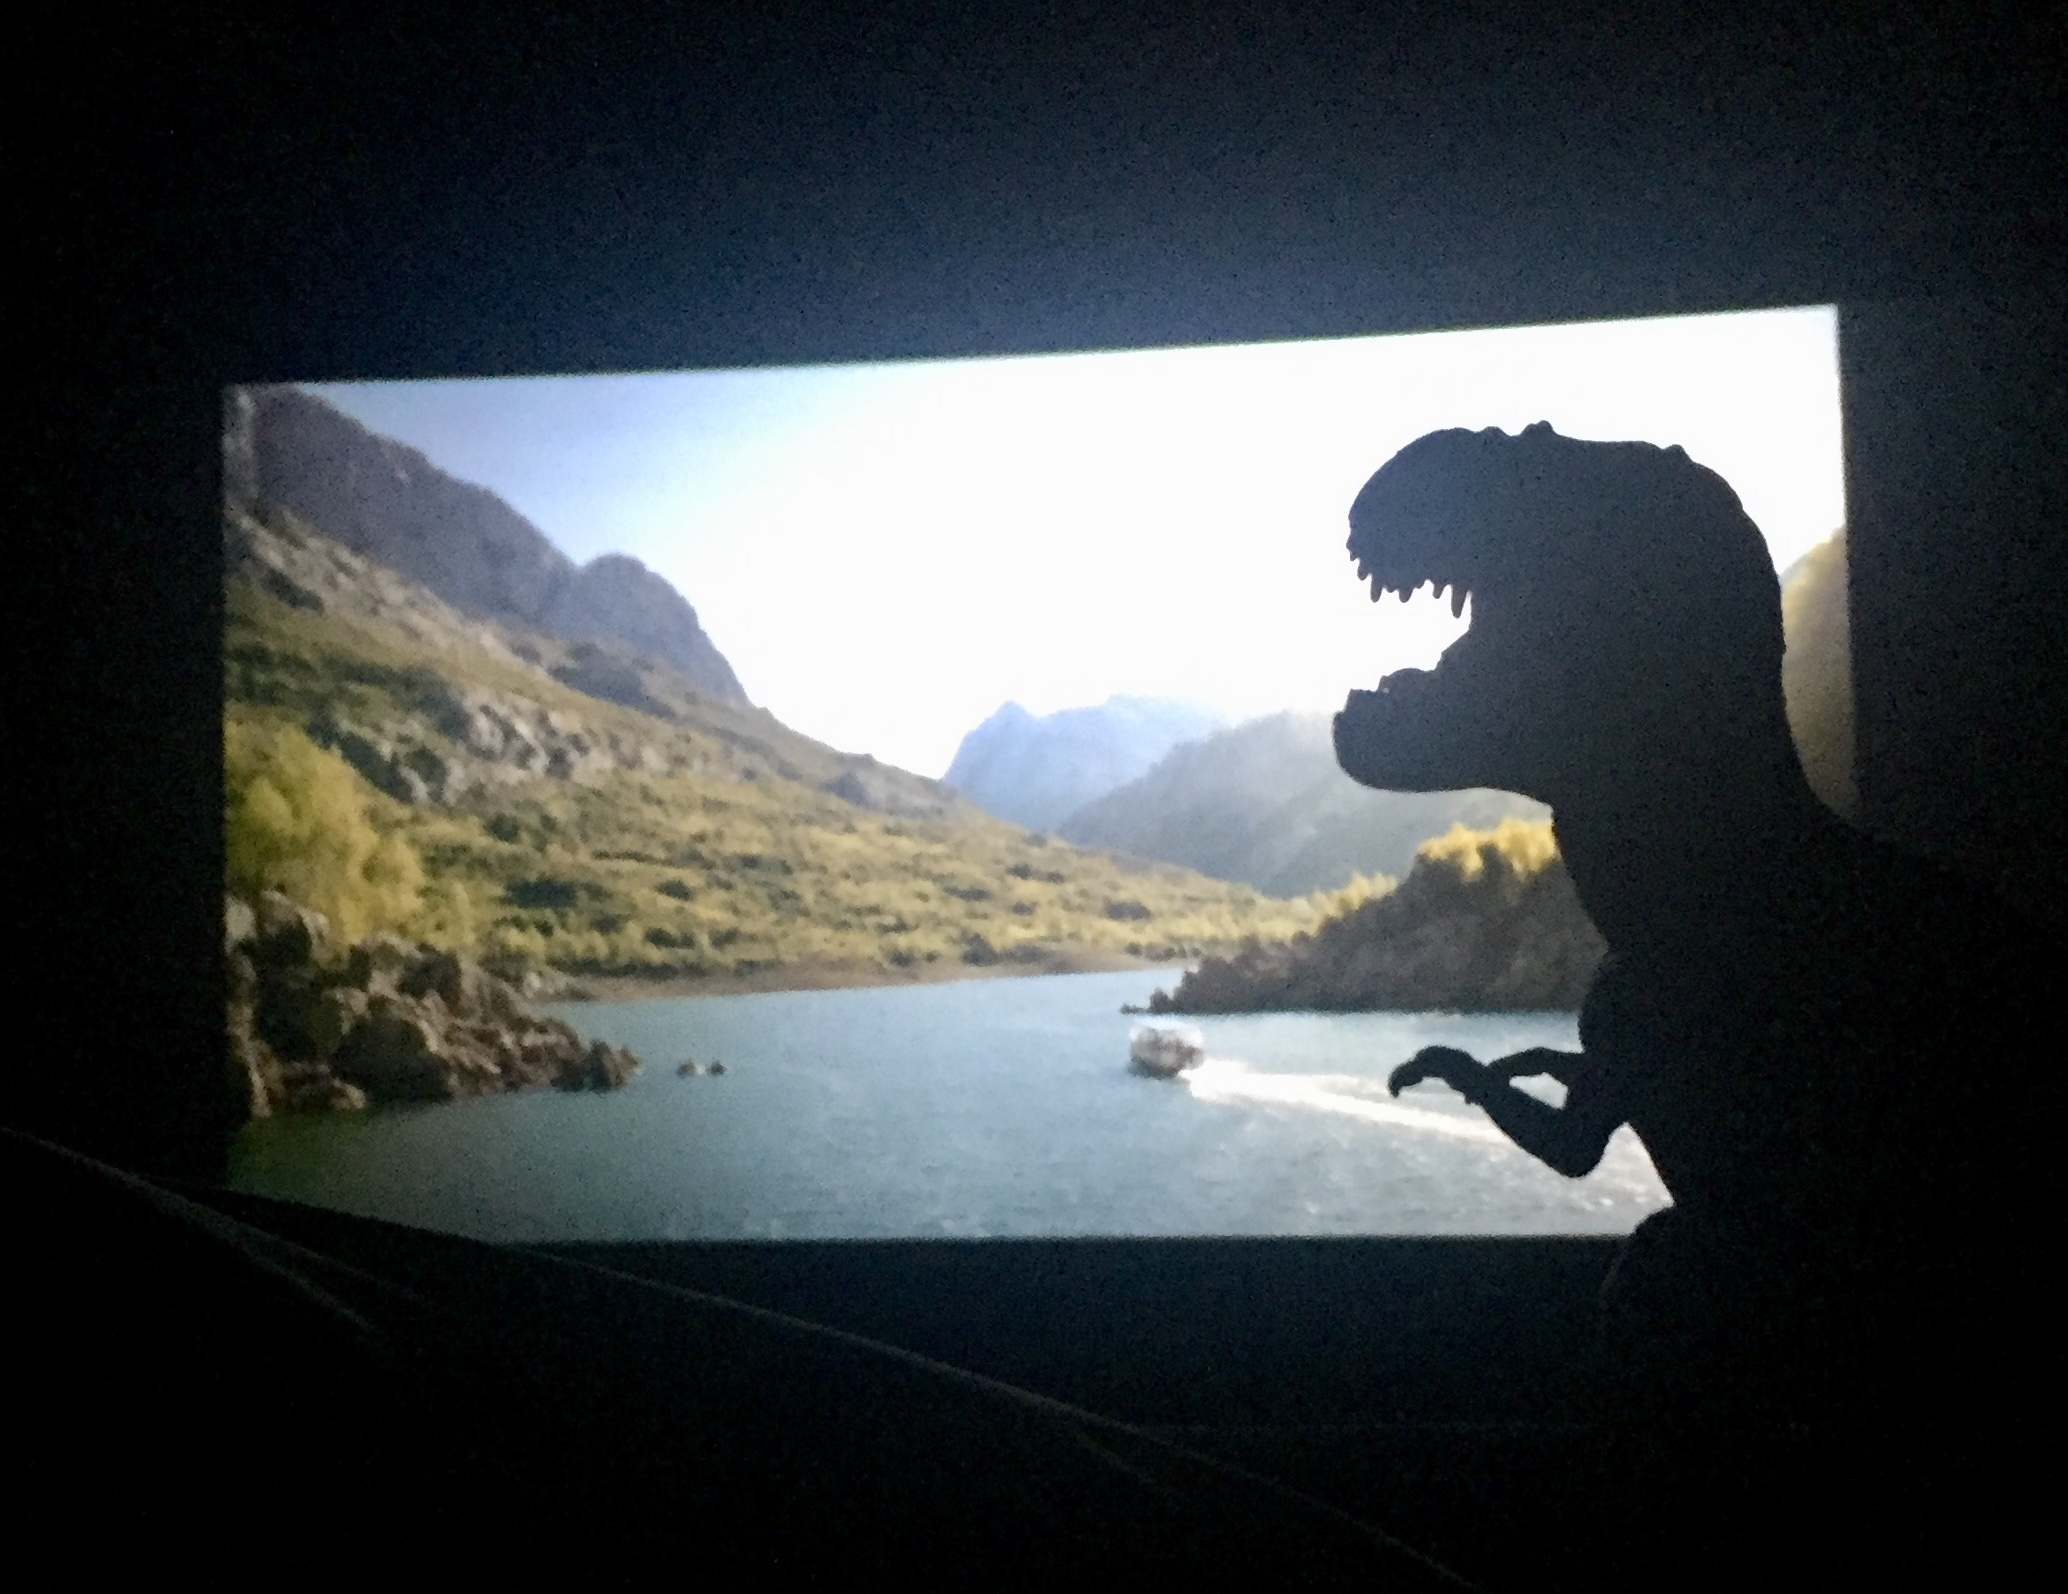 Mi Tiranosaurio Waldo lo pasó en grande en el cine - T-Rex - Juan Solo explica Jurassic World: El reino caído con dinosaurios y sin spoilers - Juan Solo - Congreso de los Diputados - Han Solo